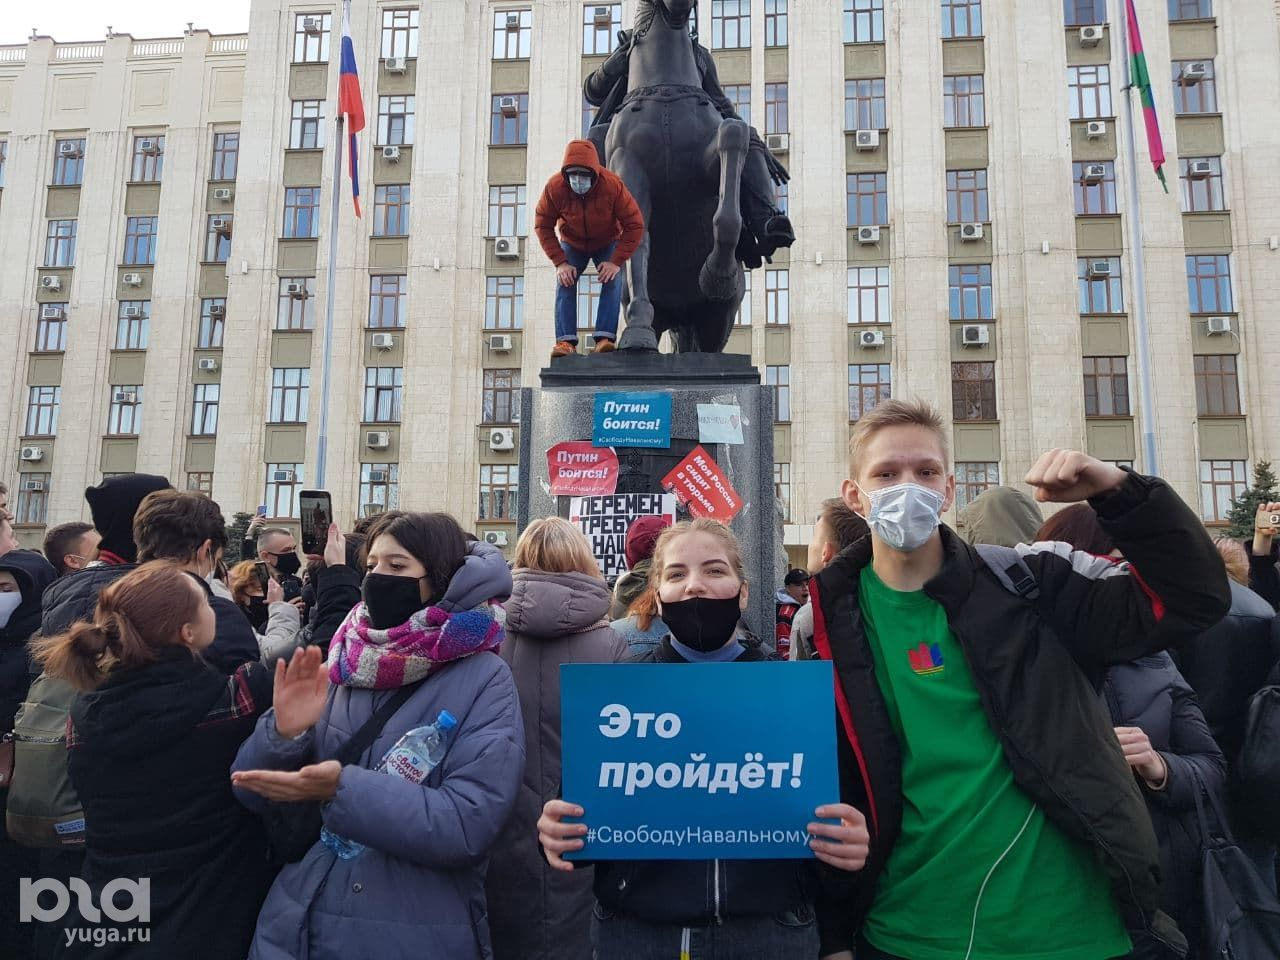 Как проходил митинг в поддержку Навального в Краснодаре ©Фото Анастасии Щегловой, Юга.ру